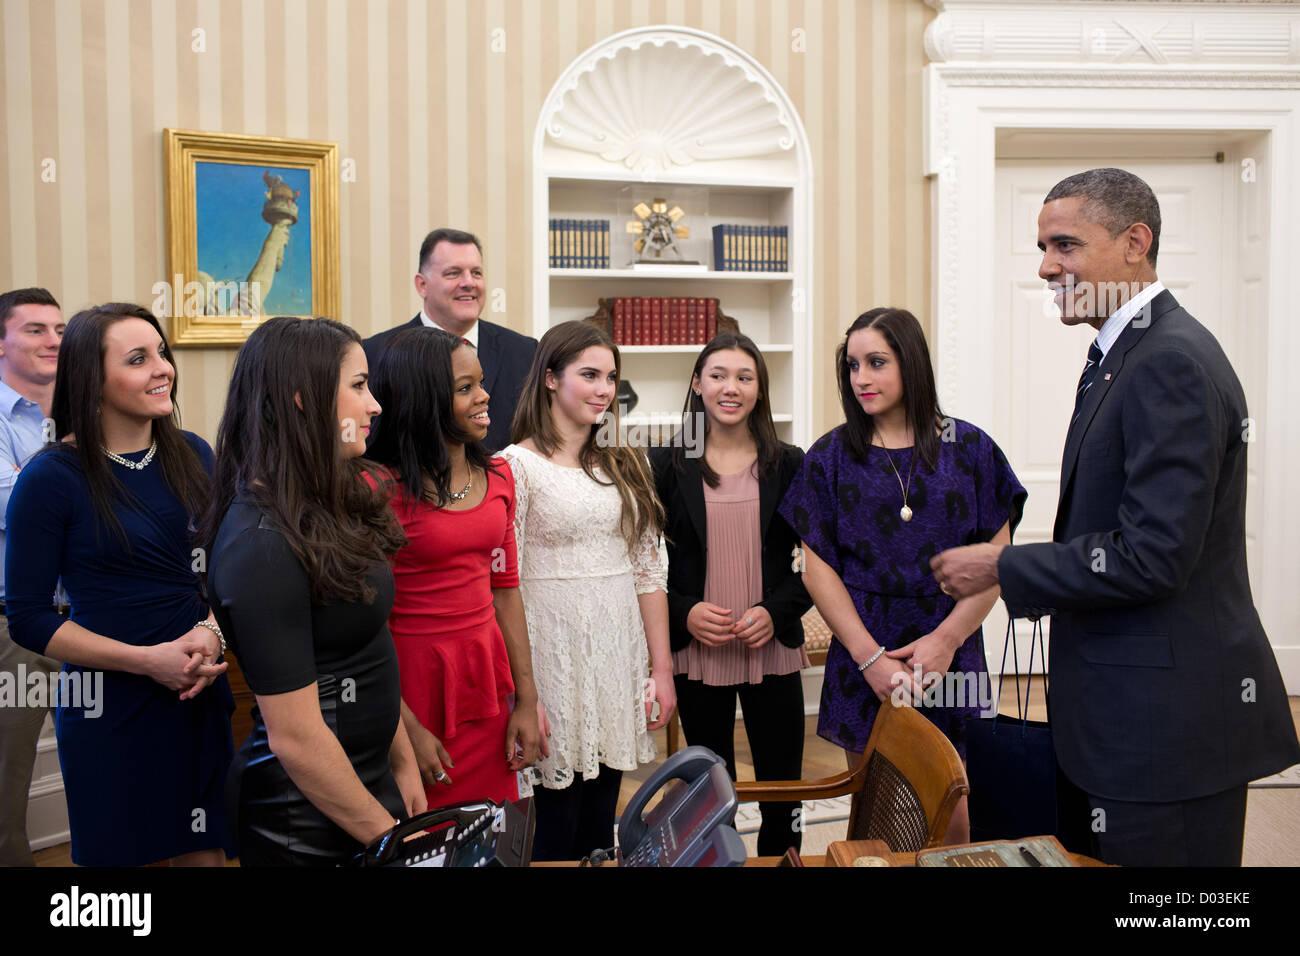 Le président américain Barack Obama parle avec des membres de l'équipes de gymnastique olympique Photo Stock